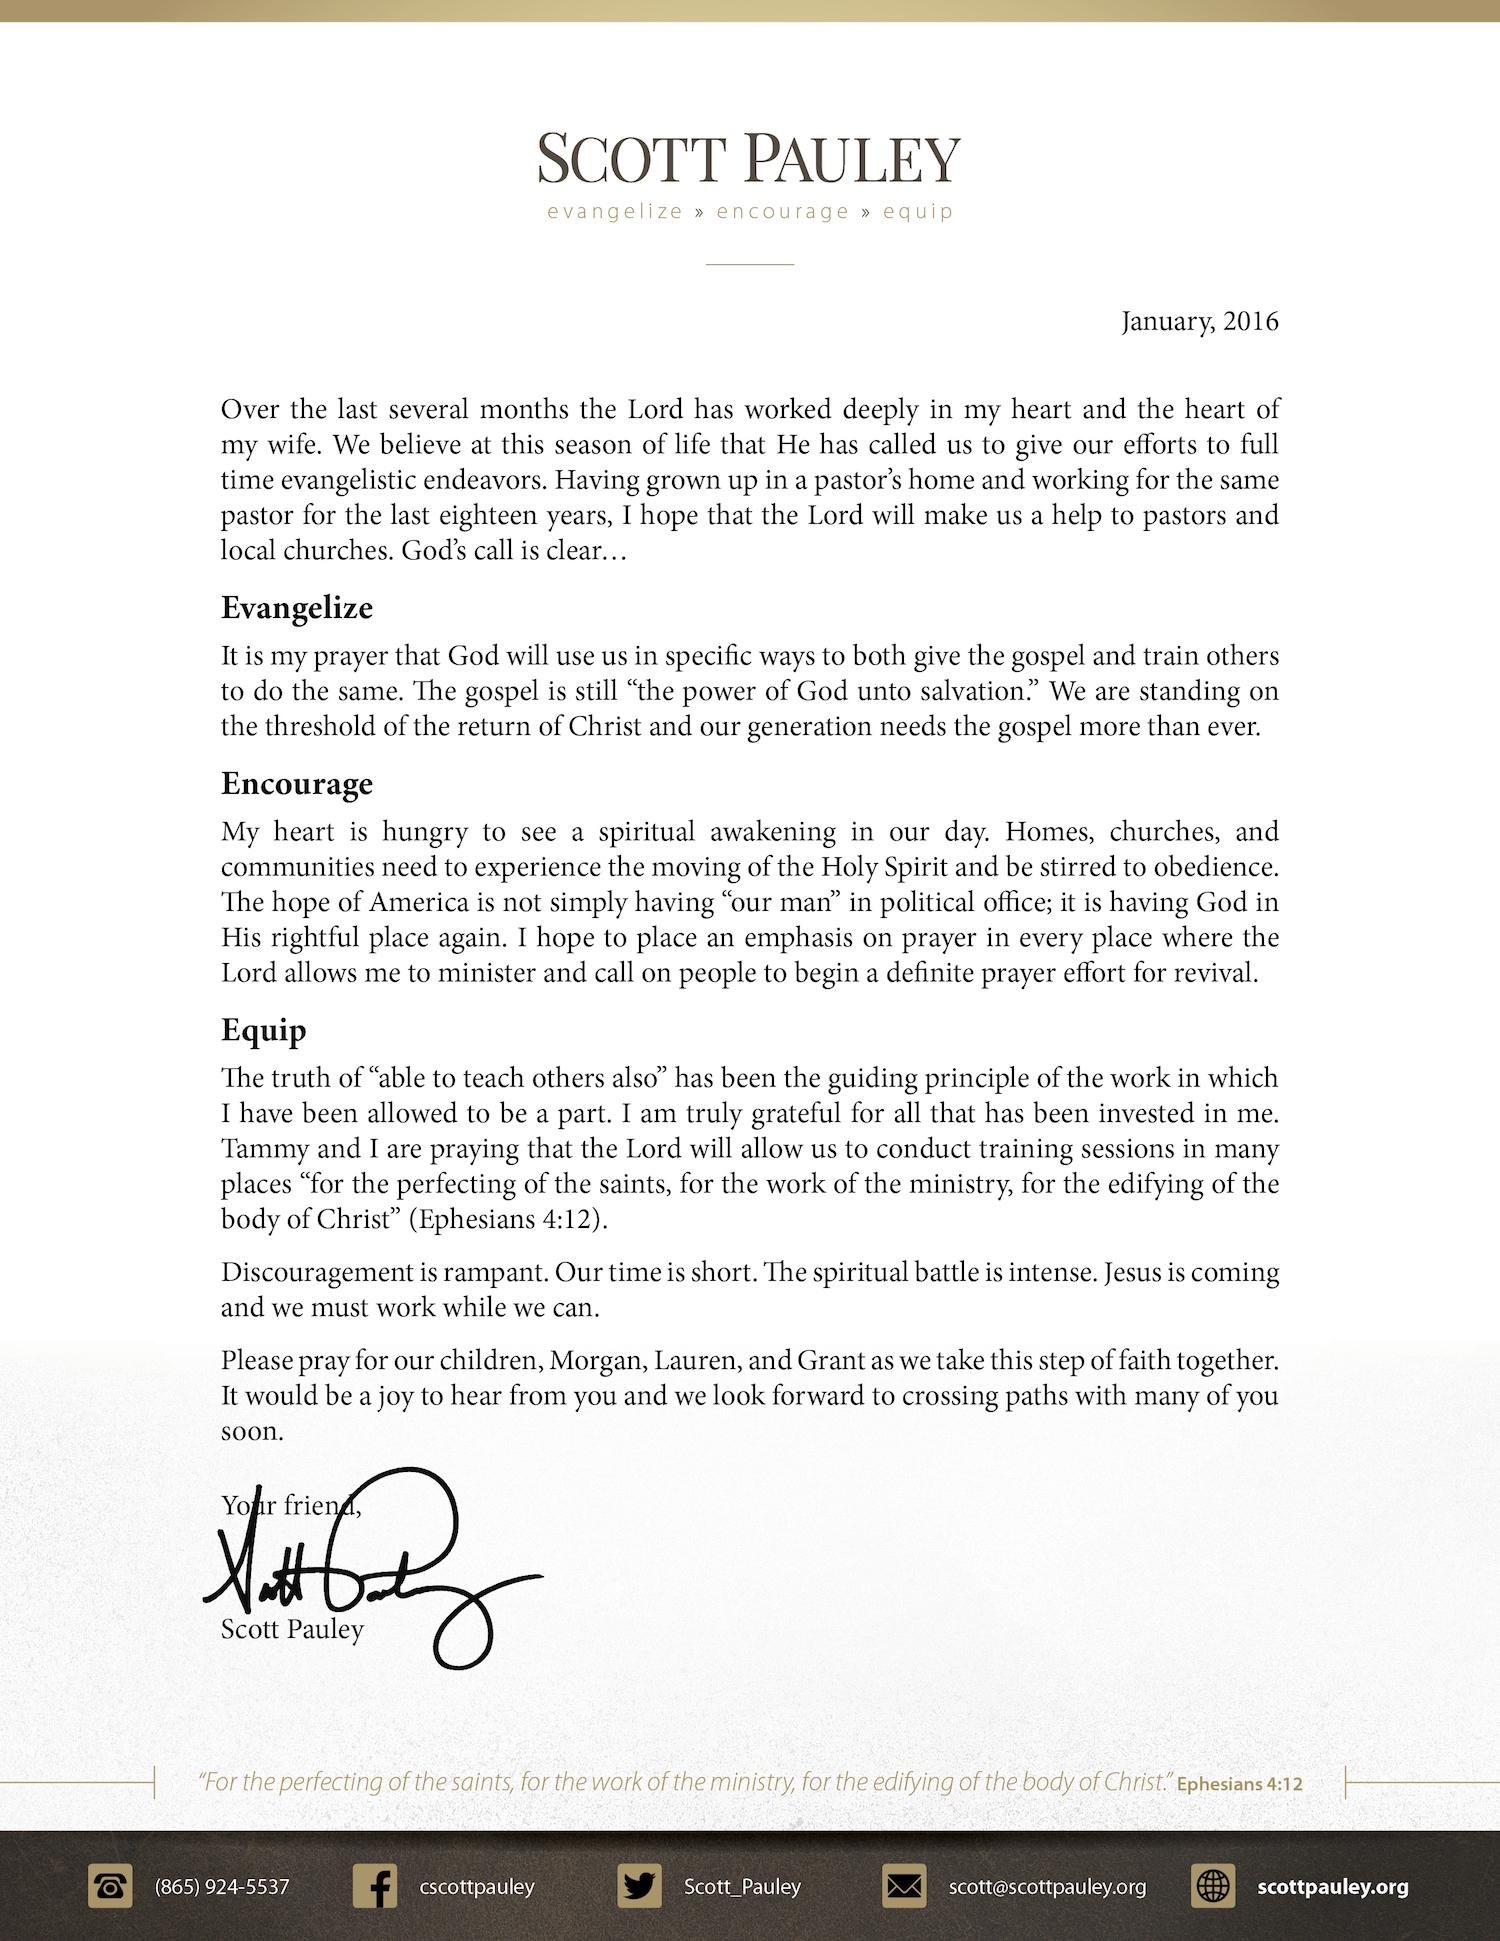 Open Letter from Scott Pauley